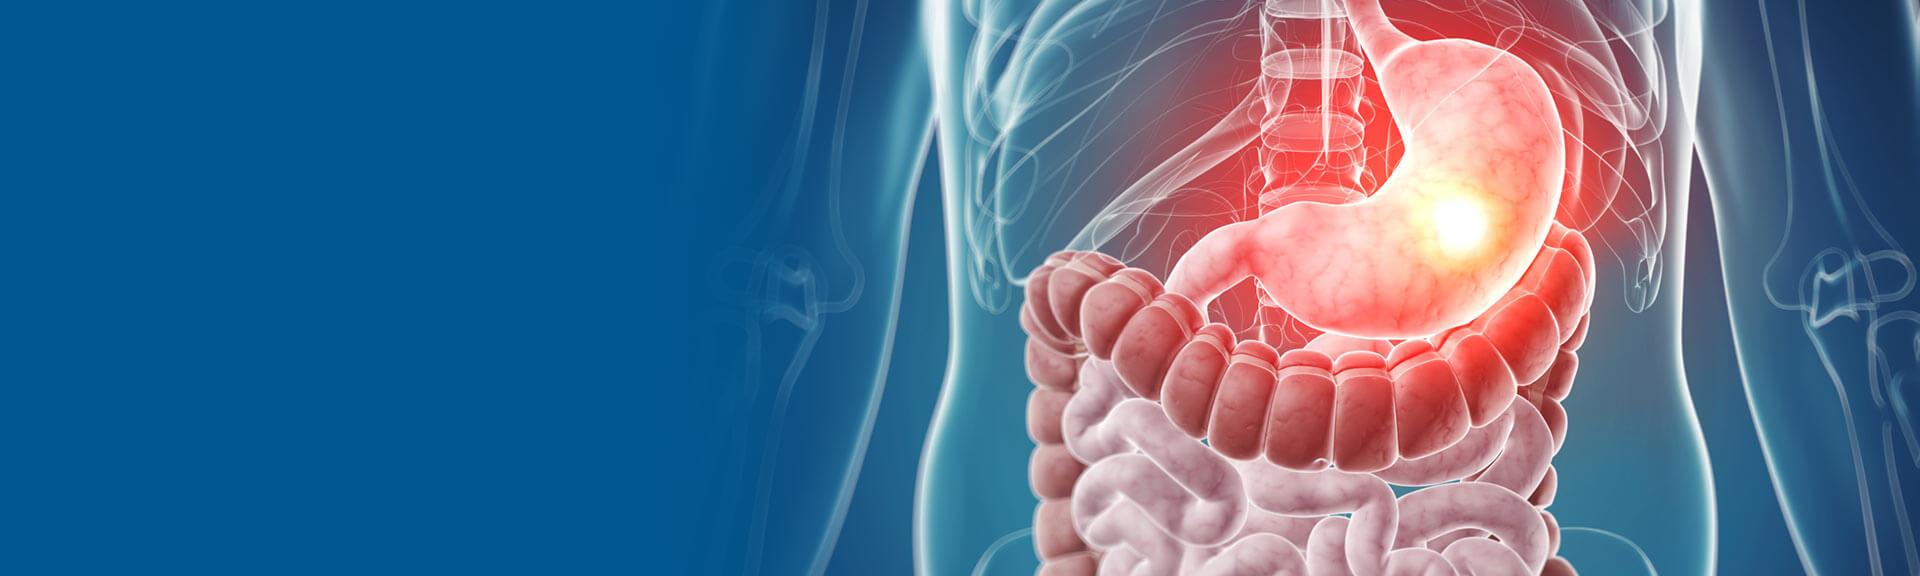 Cirurgia videolaparoscópica do aparelho digestivo